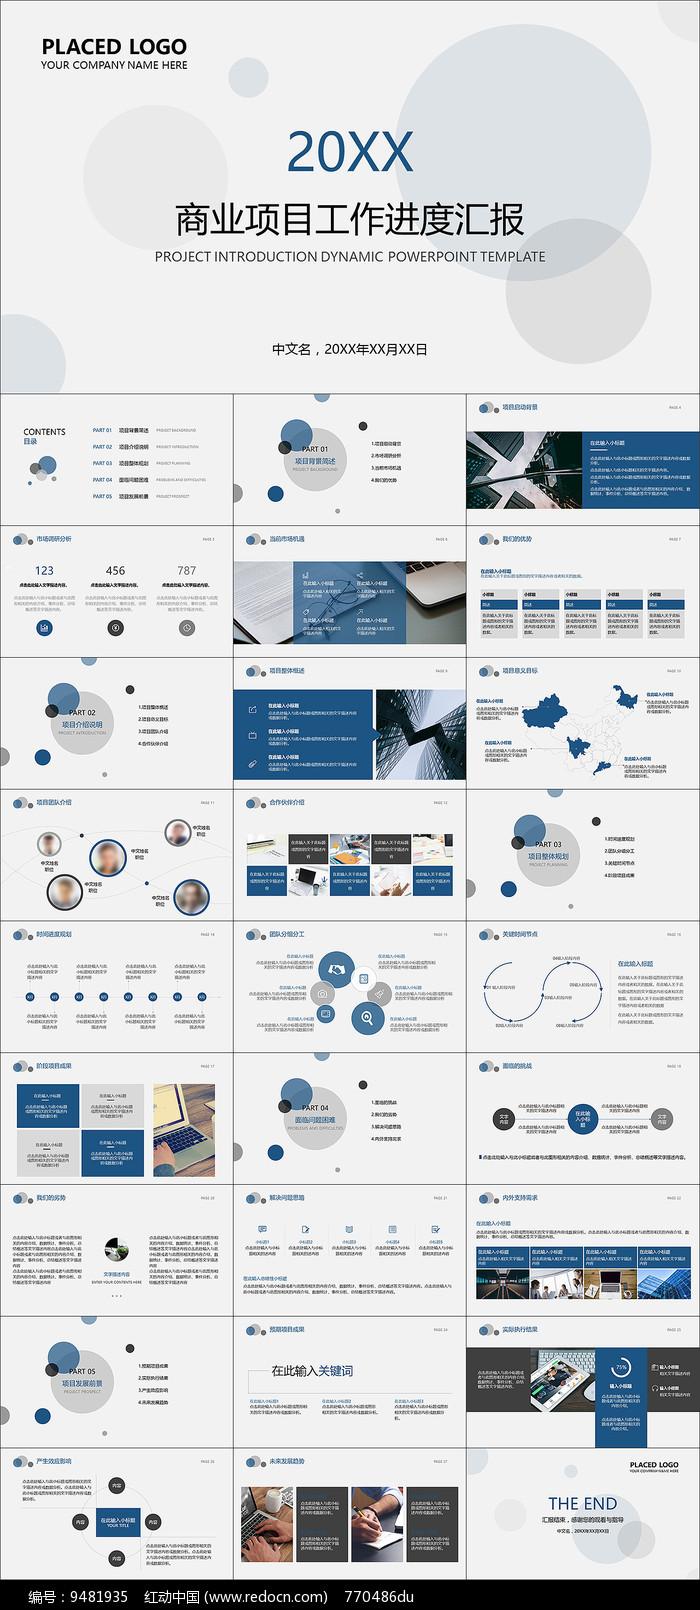 原创设计稿 ppt模板/ppt背景图片 商务贸易ppt 商业项目计划进度汇报图片